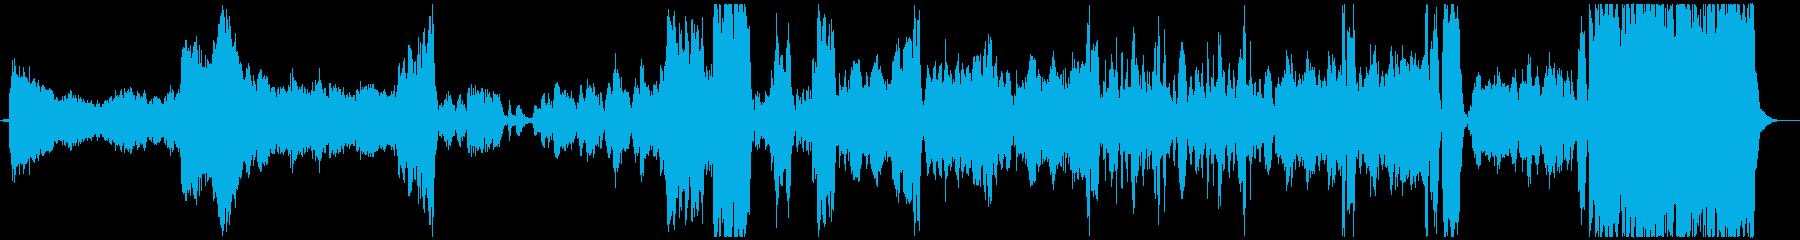 宇宙遊泳を楽しめる『美しく青きドナウ』の再生済みの波形